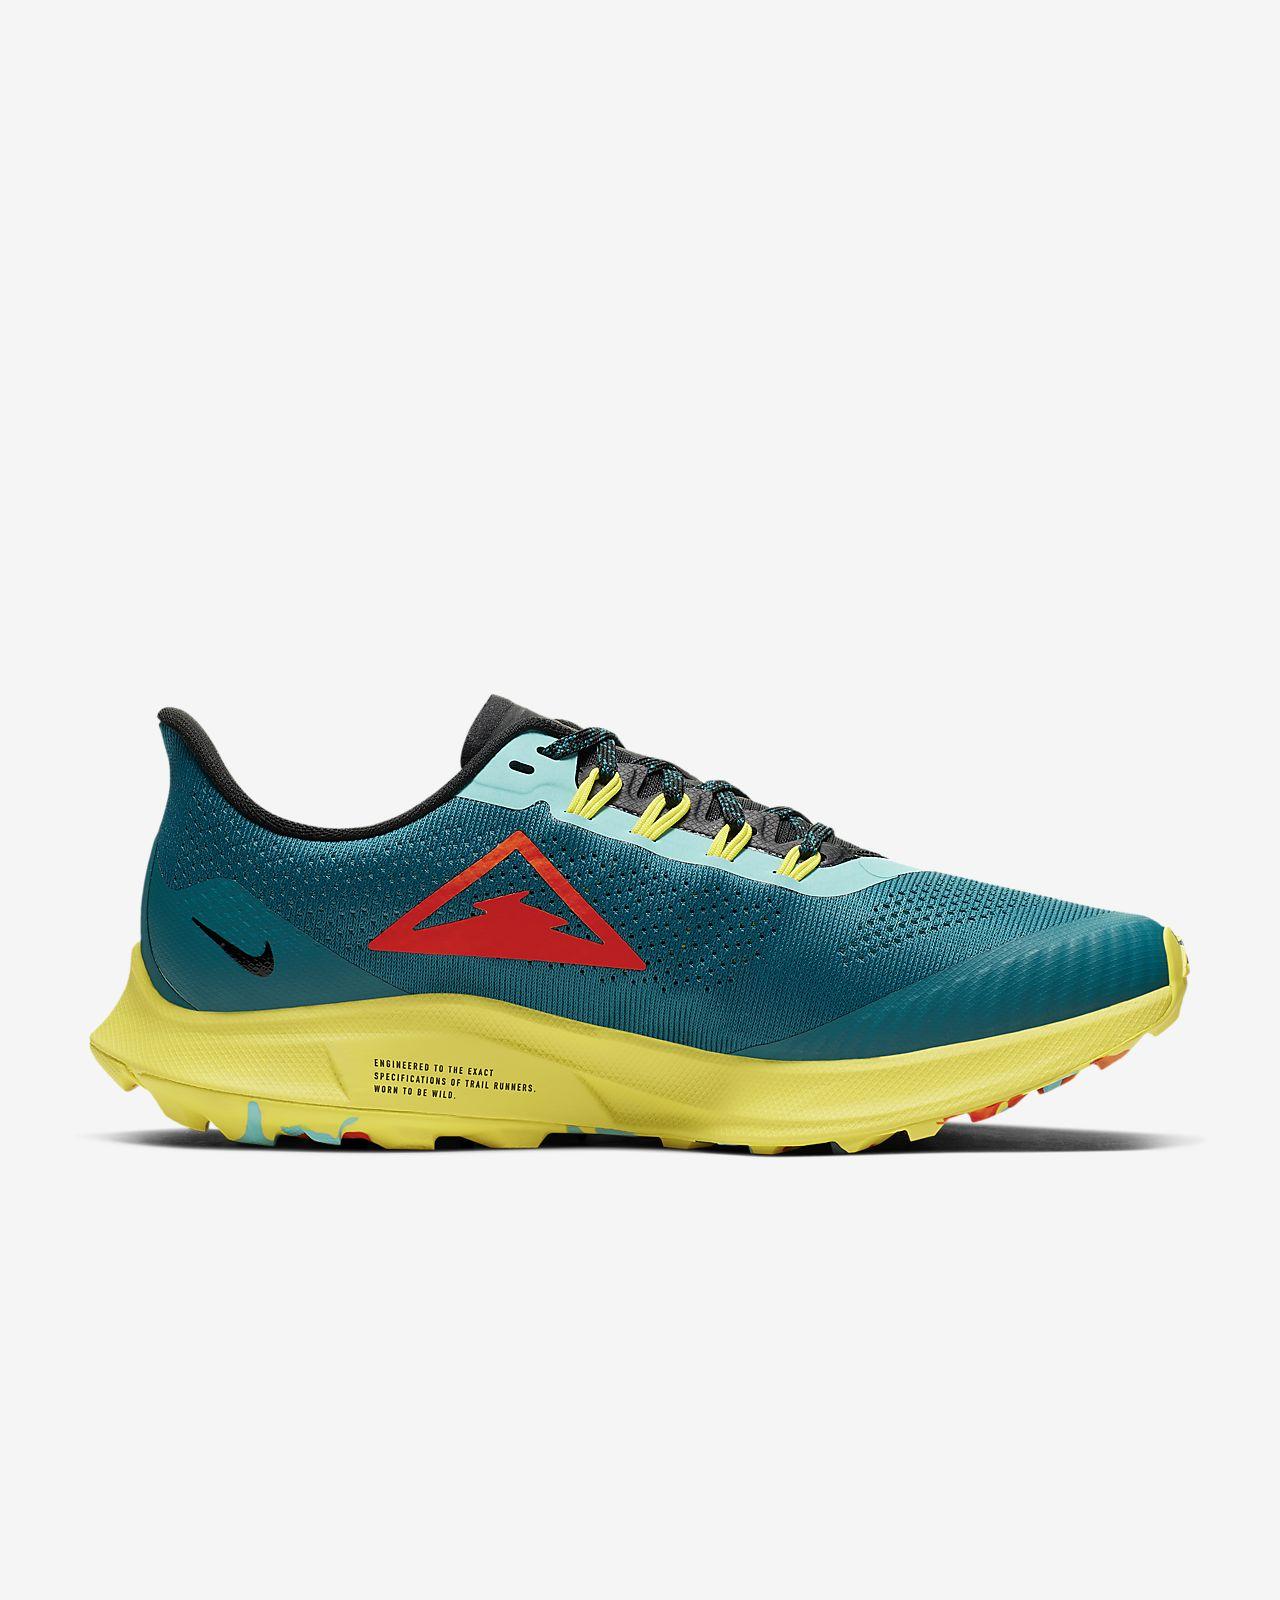 Zoom Damen 36 Trail für Pegasus Nike Trail Laufschuh Air USzVpM